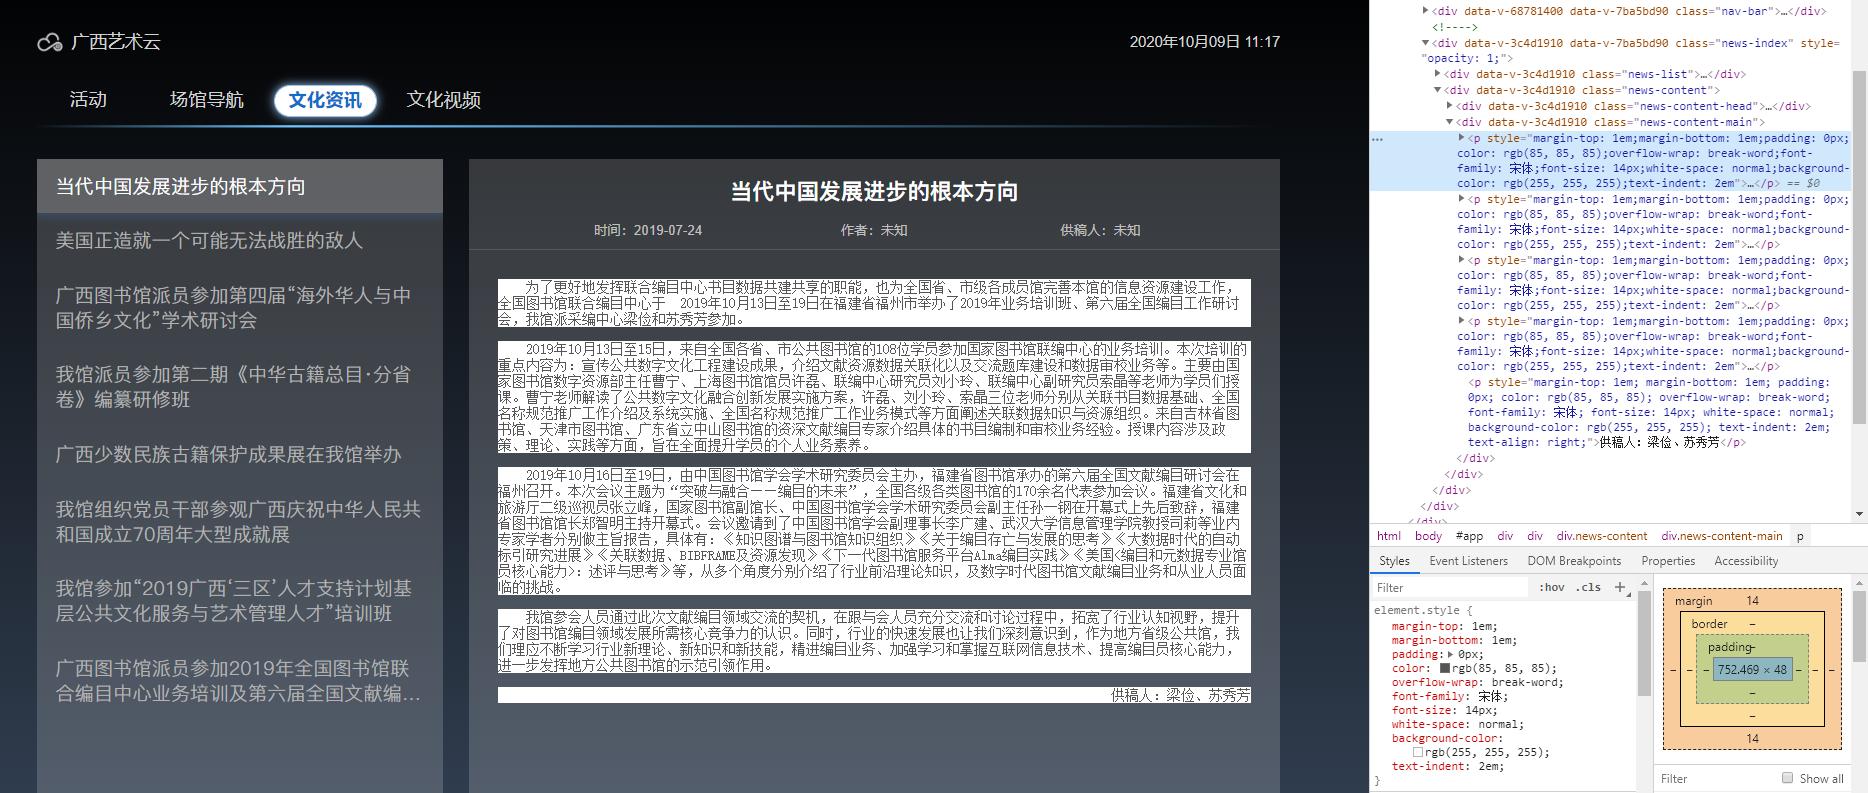 正则匹配html标签里的style并清除